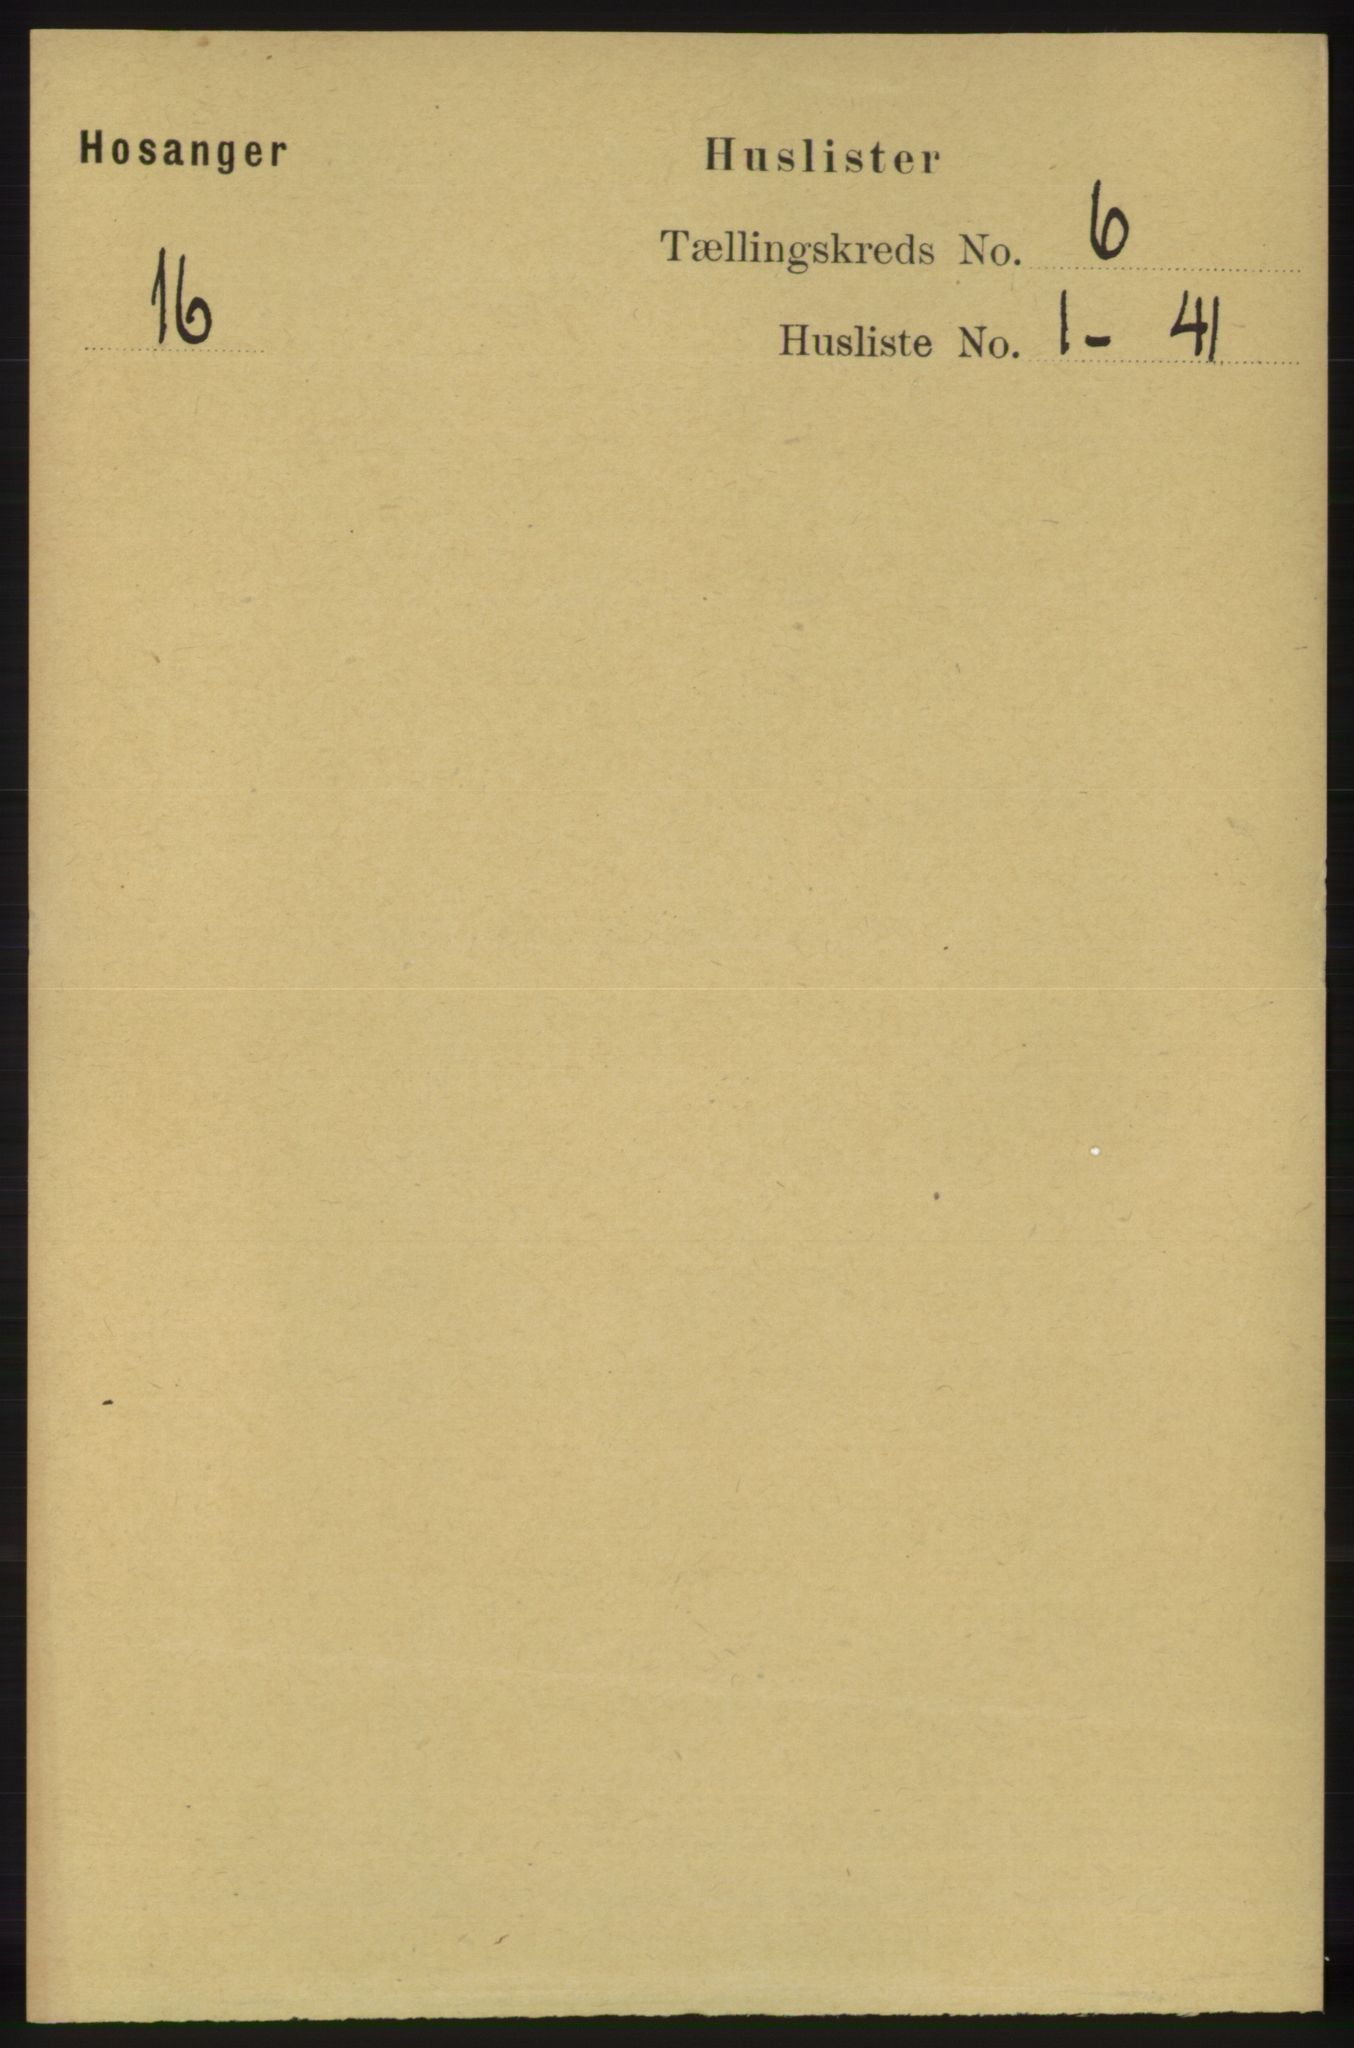 RA, Folketelling 1891 for 1253 Hosanger herred, 1891, s. 2095